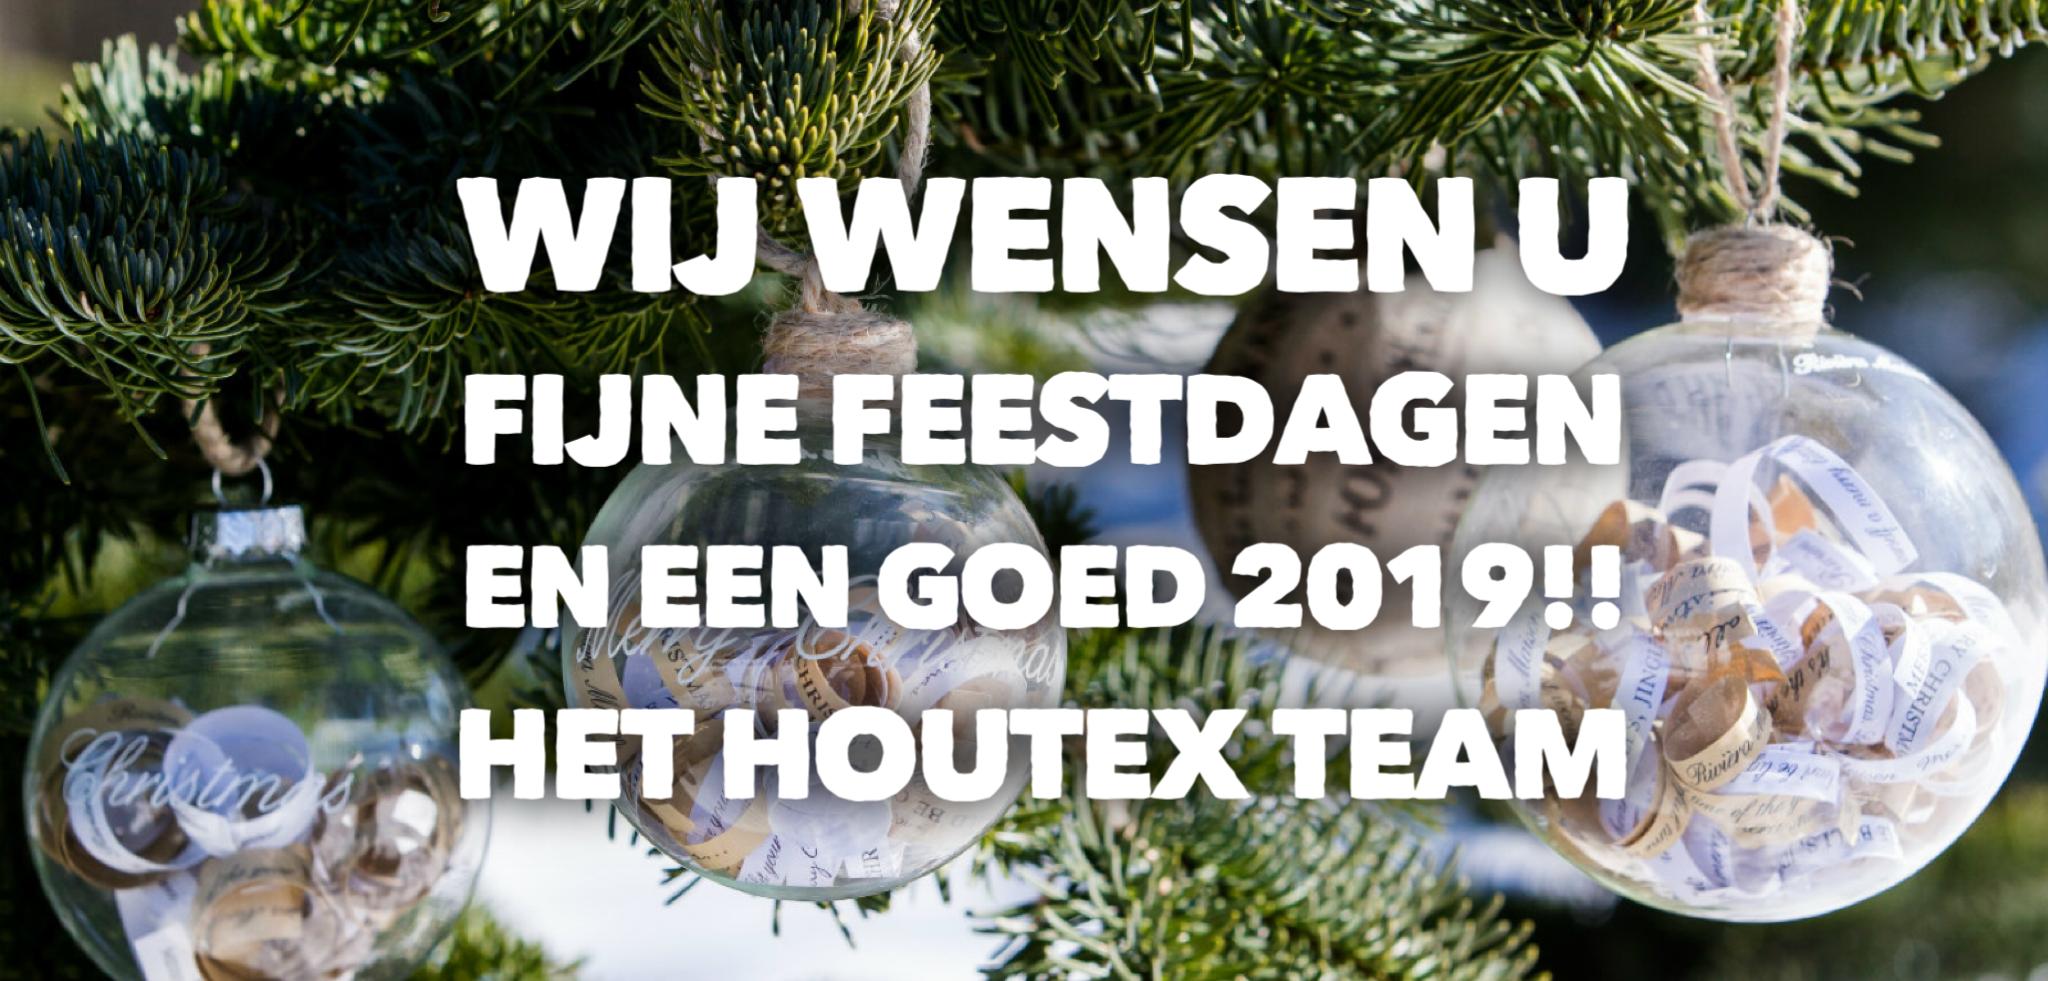 Bedankt voor de prettige samenwerking afgelopen jaar. Wij wensen u fijne feestdagen en een gezond en voorspoedig 2019 toe!  - In verband met de feestdagen zijn wij gesloten vanaf vrijdag 21 december 2018 t/m vrijdag 5 januari 2019.  Het Houtex team